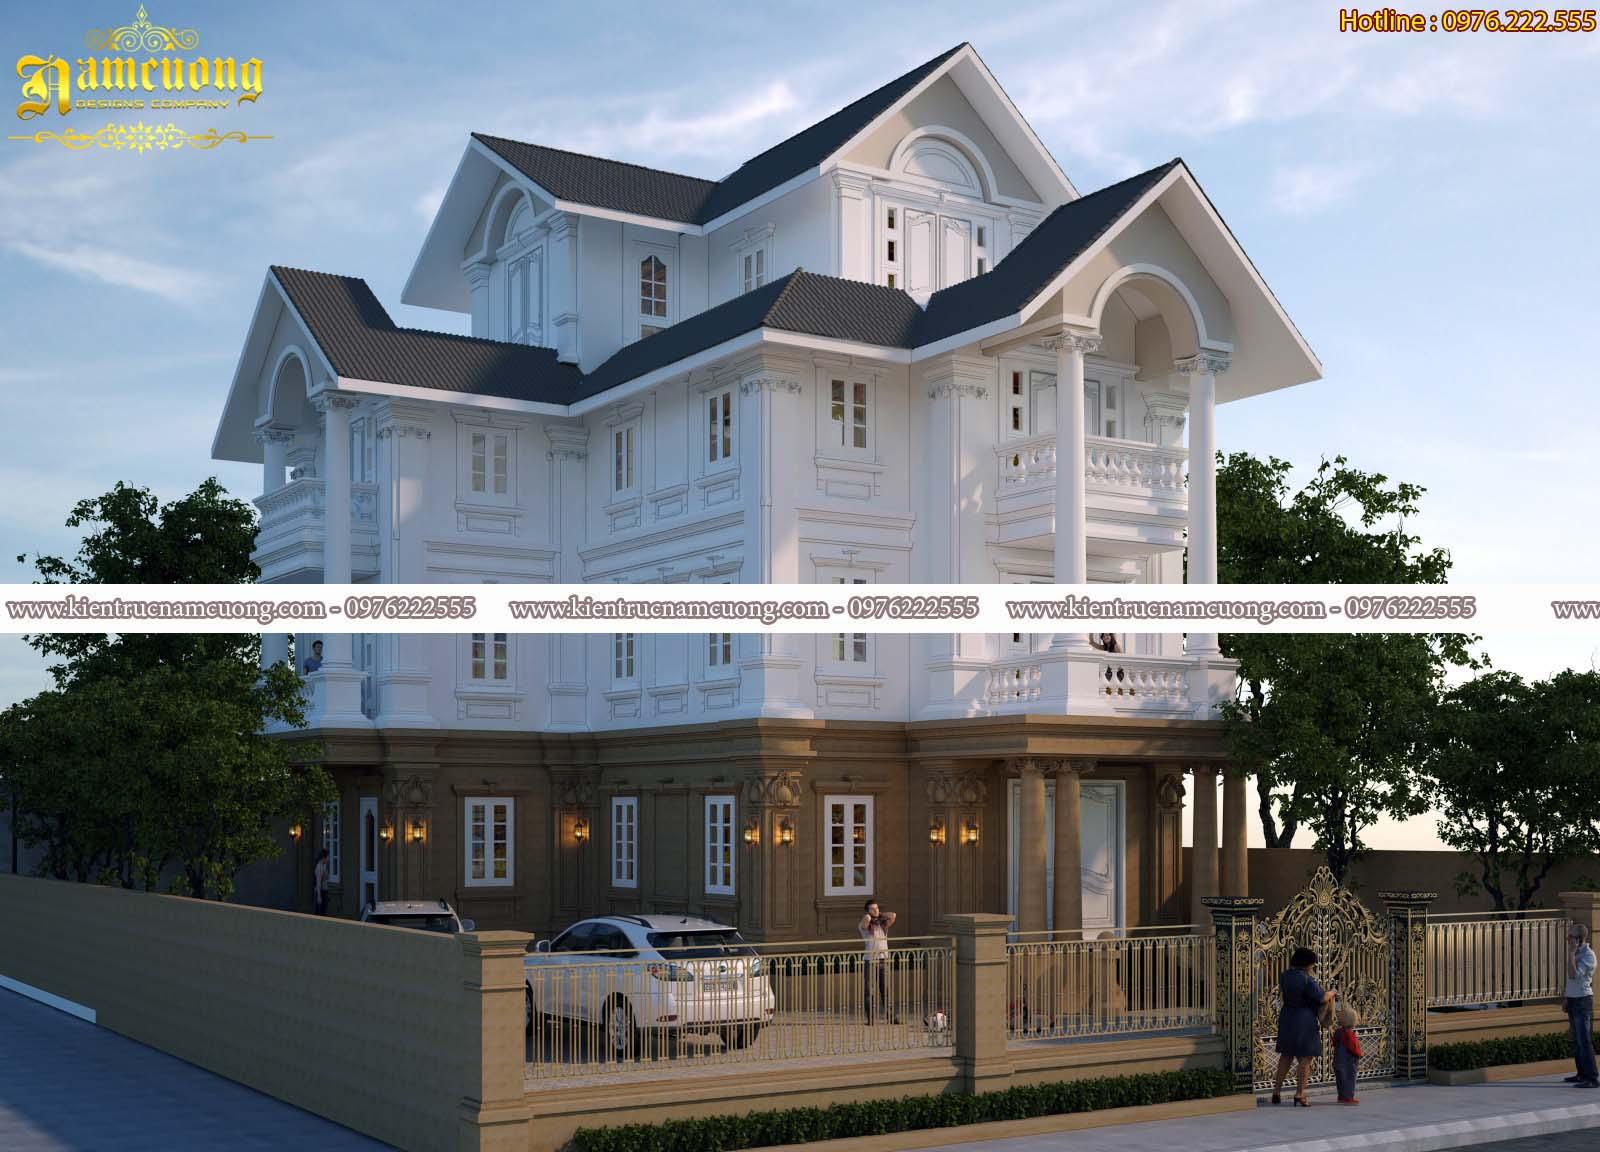 Thiết kế biệt thự tân cổ điển 4 tầng đẹp tại Hải Phòng - BTCD 036